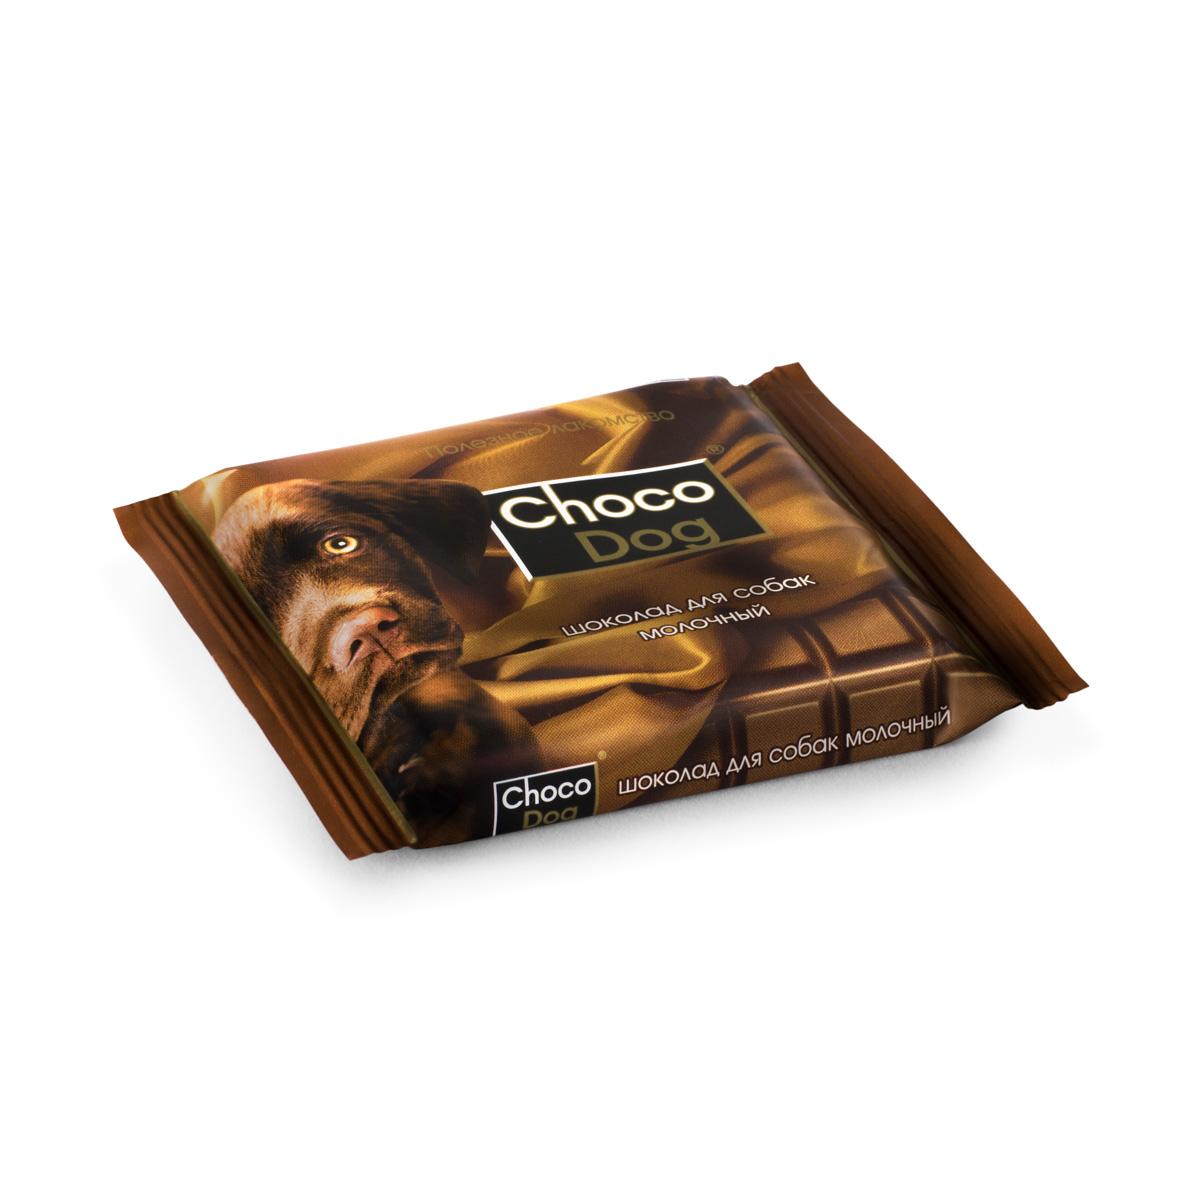 Лакомство для собак VEDA Choco Dog, шоколад молочный, 15 г4605543005121Лакомство для собак VEDA Choco Dog представляет собой дополнительный функциональный корм для непродуктивных животных в виде лакомства, предназначенный для использования в качестве лакомства с целью поощрения и дрессуры животных. Сладкое лакомство для собак без вреда для здоровья, так как без какао и сахара.Молочный шоколад содержит значительное количество молока, что благотворно влияет на формирование молодого организма. Поэтому это лакомство будет особенно полезно щенкам.Лакомство для собак VEDA Choco Dog лакомство для собак выпускают штучно в виде плиток.Состав, энергетическая и пищевая ценность: жир растительного происхождения, лактоза, сыворотка молочная сухая, мука плодов рожкового дерева, лецитин, дрожжи пивные сухие, экстракт стевии (стевиозид), добавка пищевая комплексная вкусо-ароматическая.Кормовая ценность на 100 г (не менее): жиры 40 г, углеводы 39 г.Энергетическая ценность в 100 г: 525 ккал.Товар сертифицирован.Чем кормить пожилых собак: советы ветеринара. Статья OZON Гид